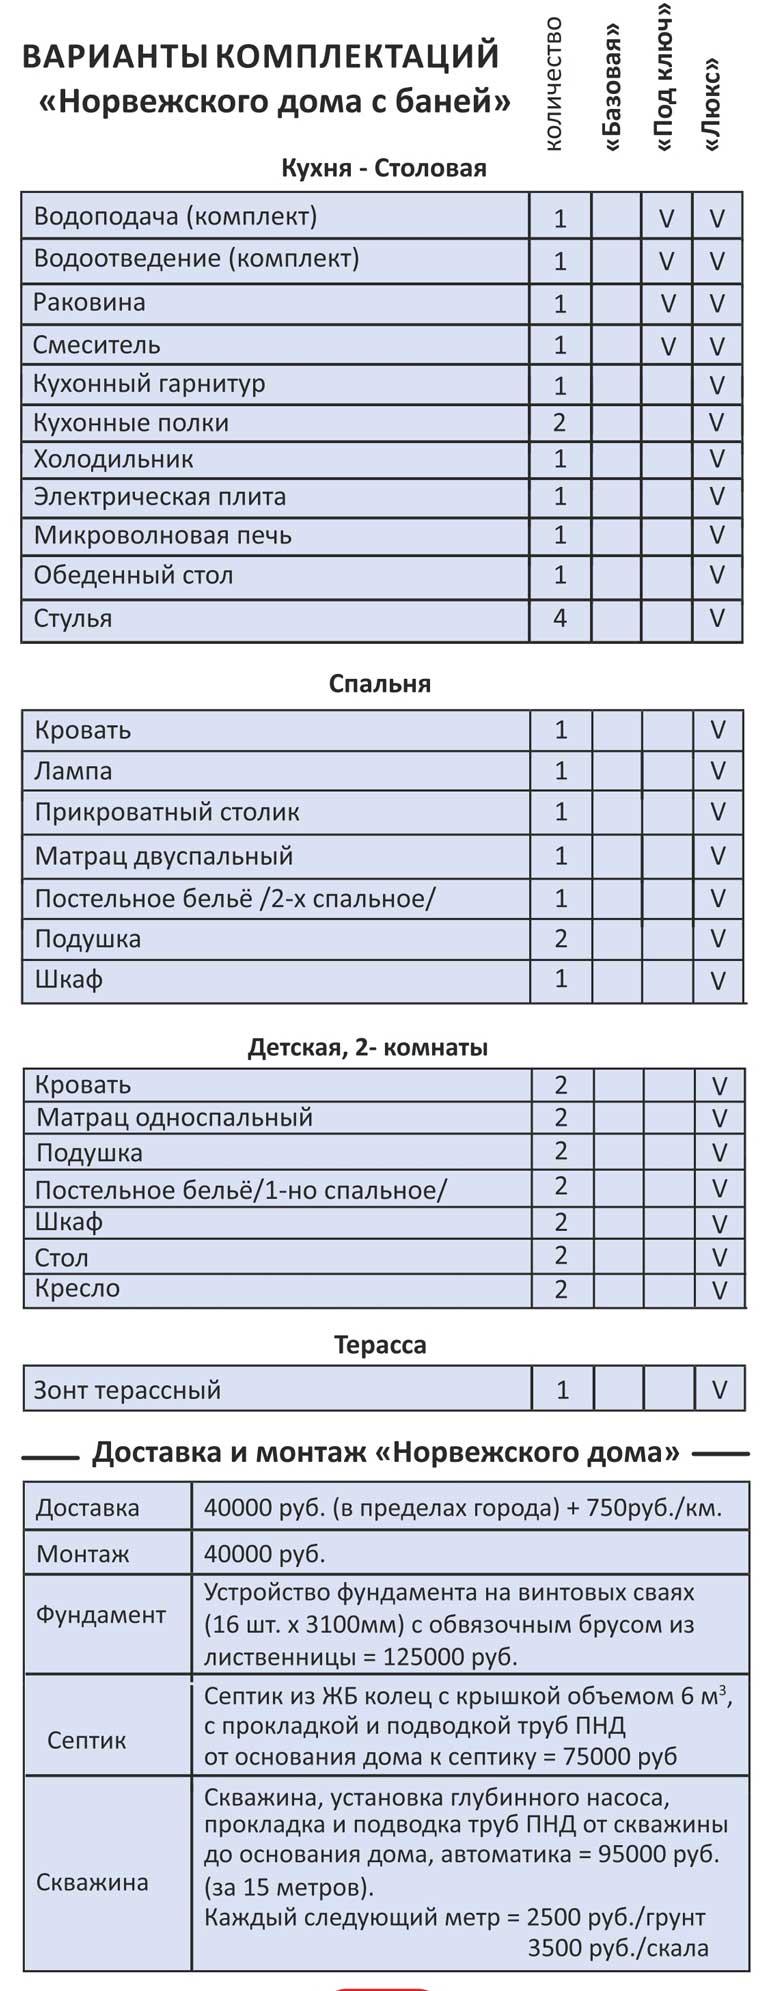 norvezhskiy-dom-banya-64-modum-kursk